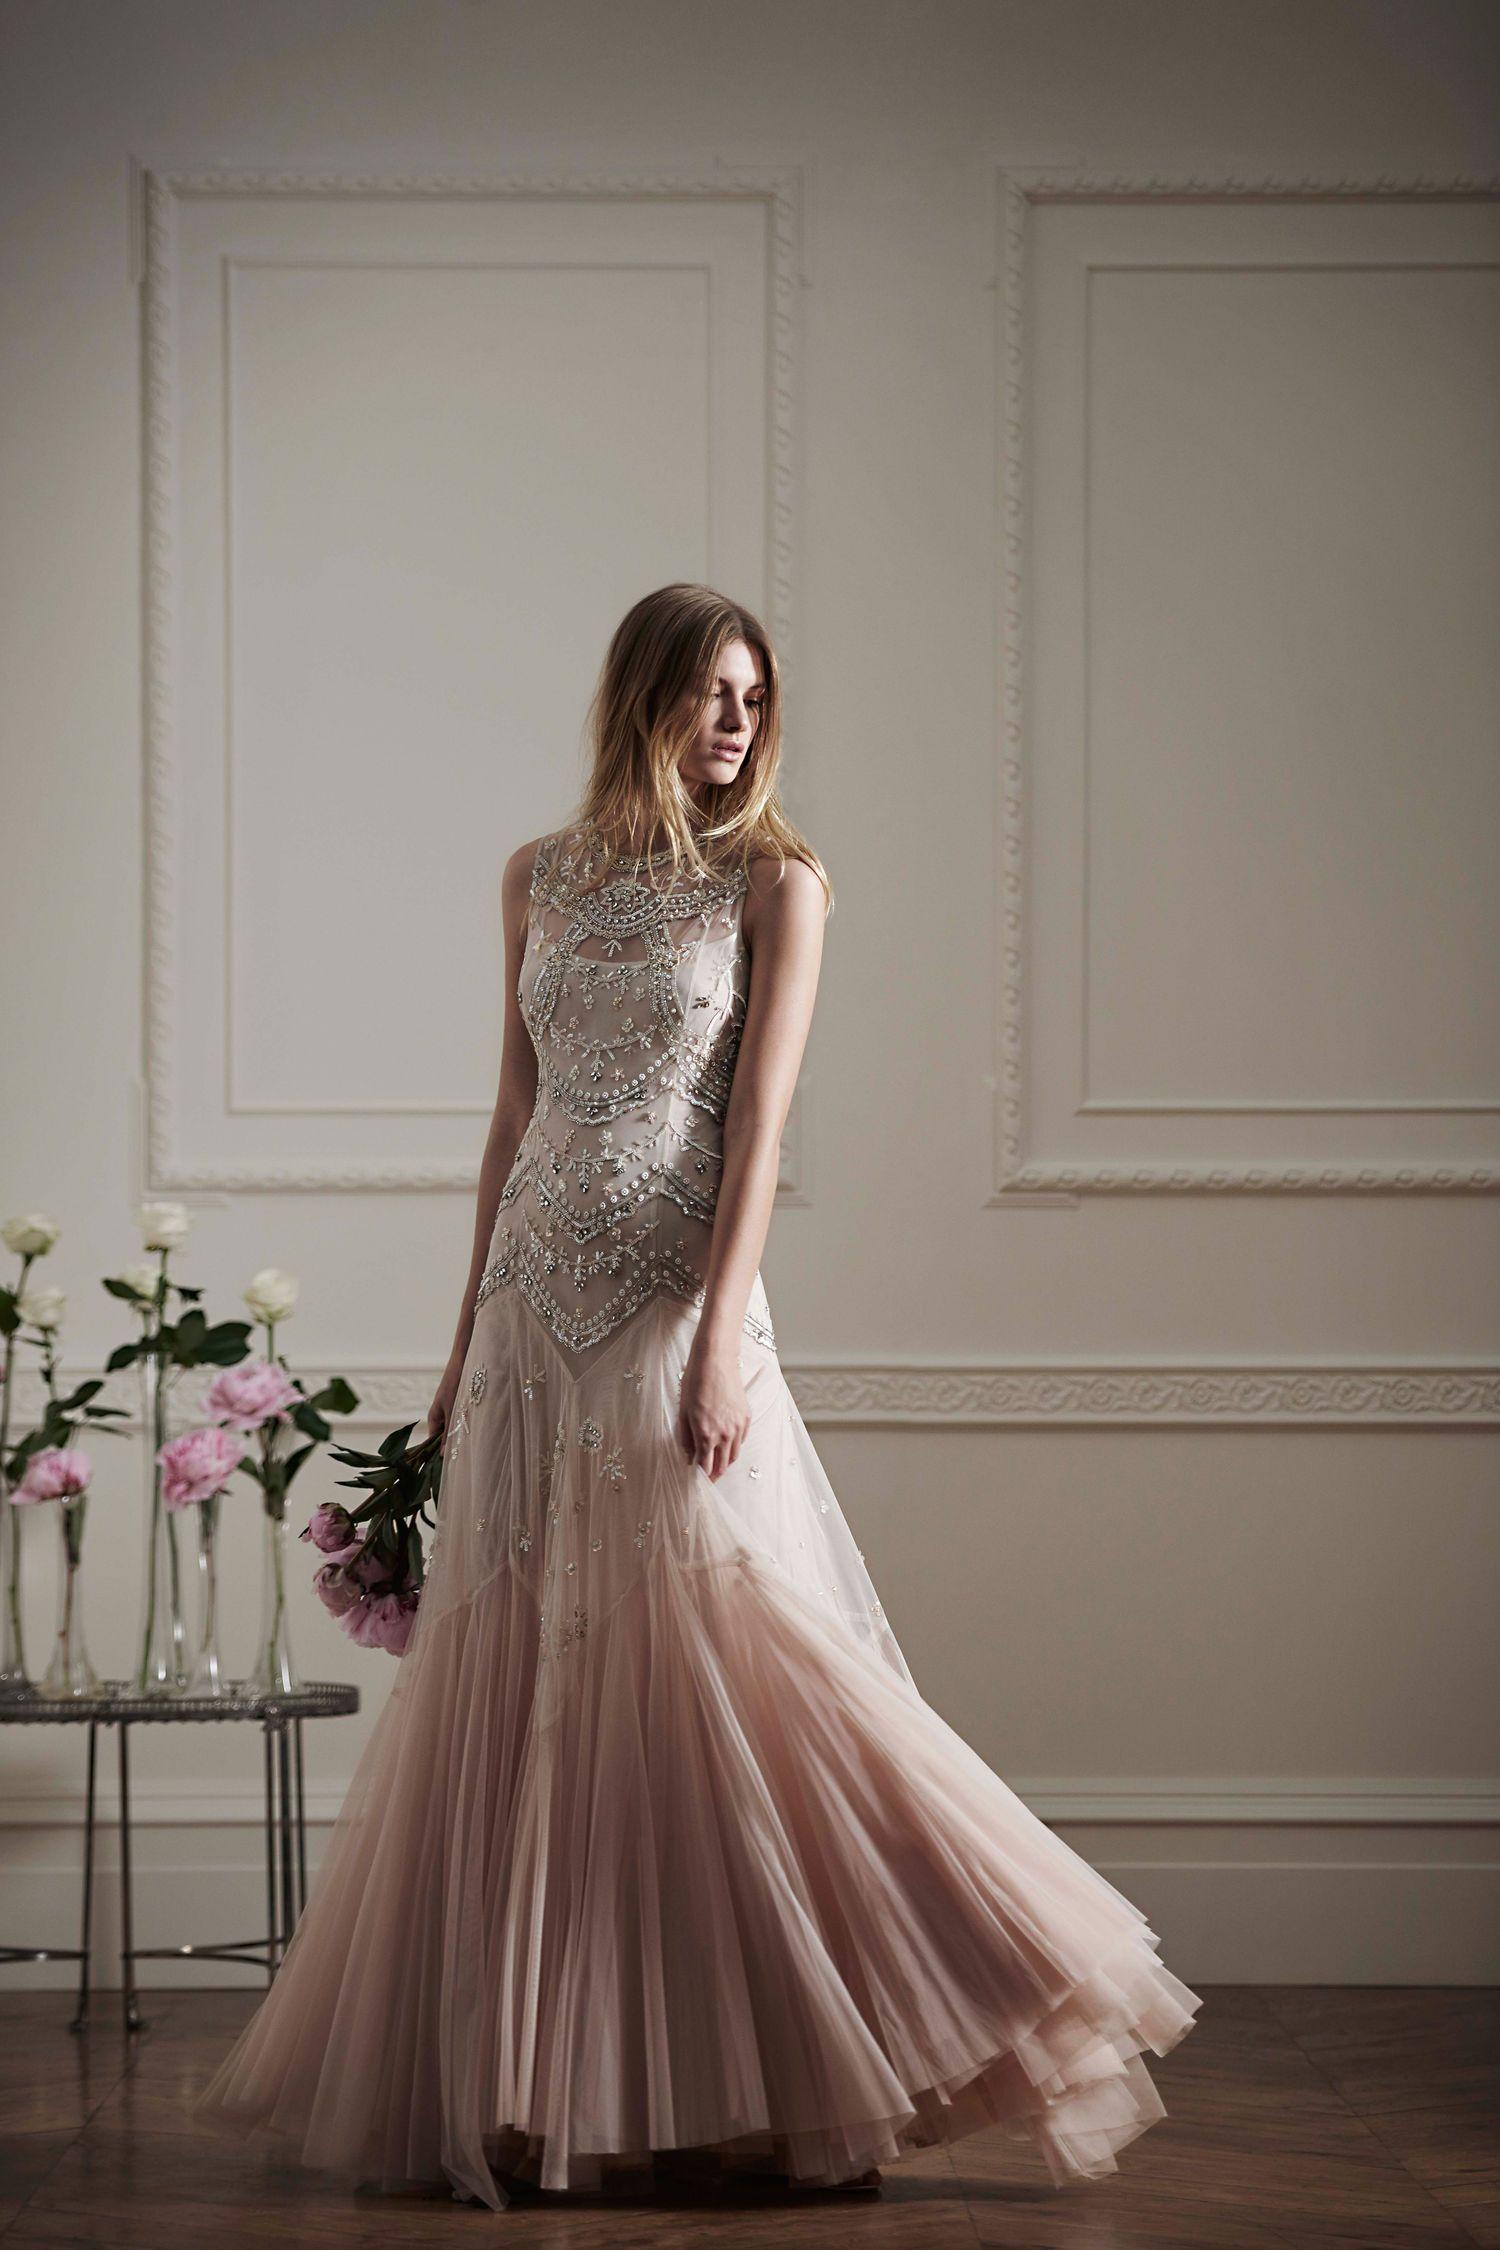 Brautkleider: Für die preiswerte Traumhochzeit   Wedding dress and ...